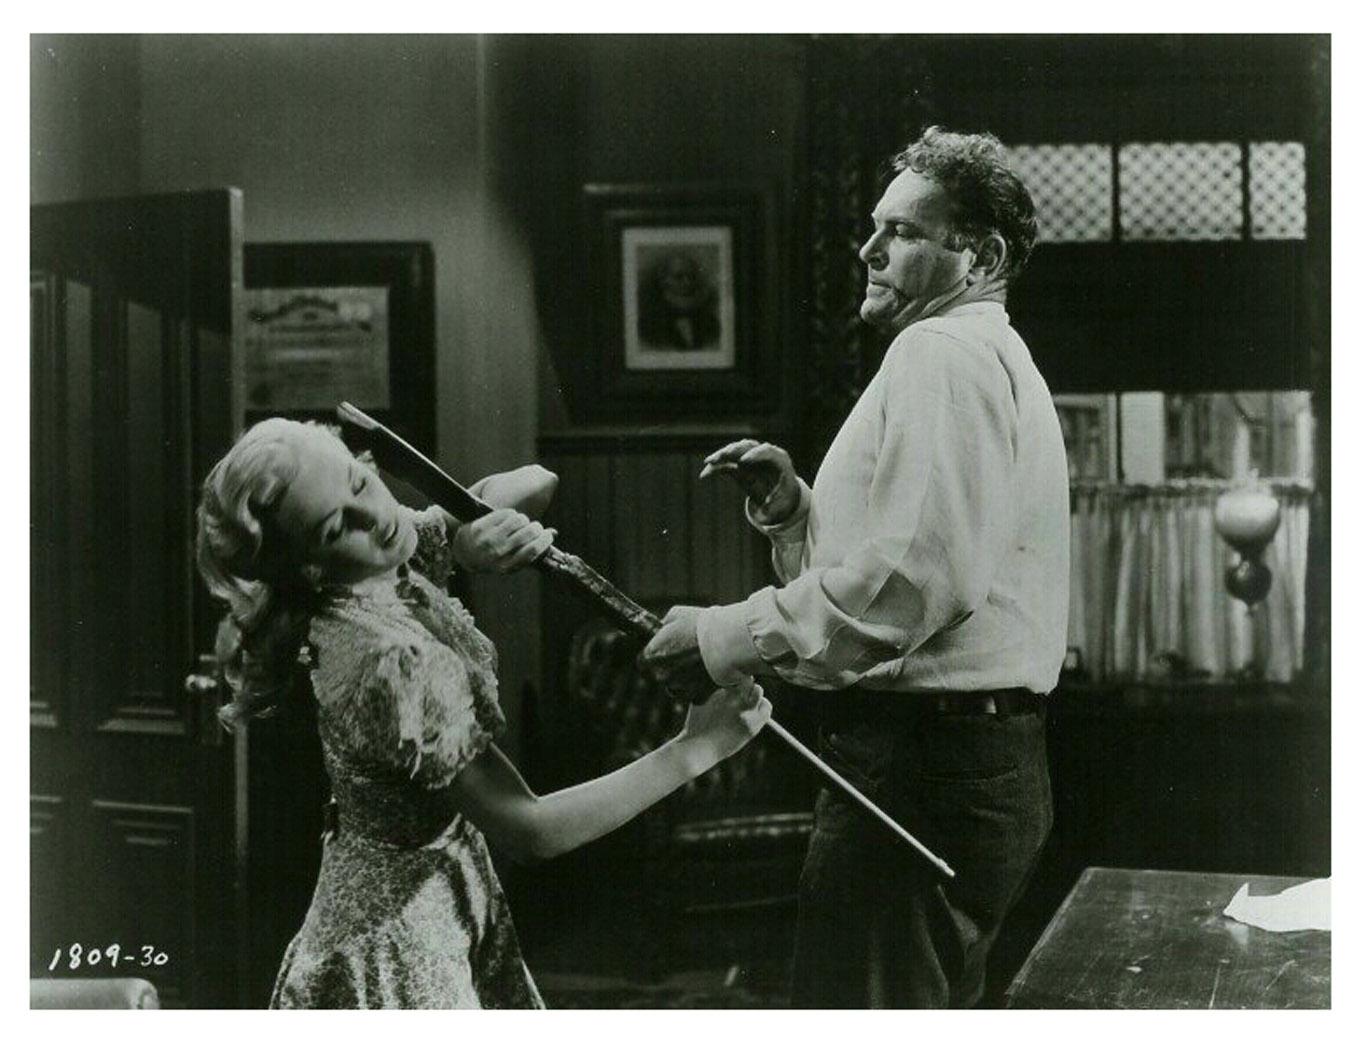 Mamie Van Doren in Star in the Dust (1956)